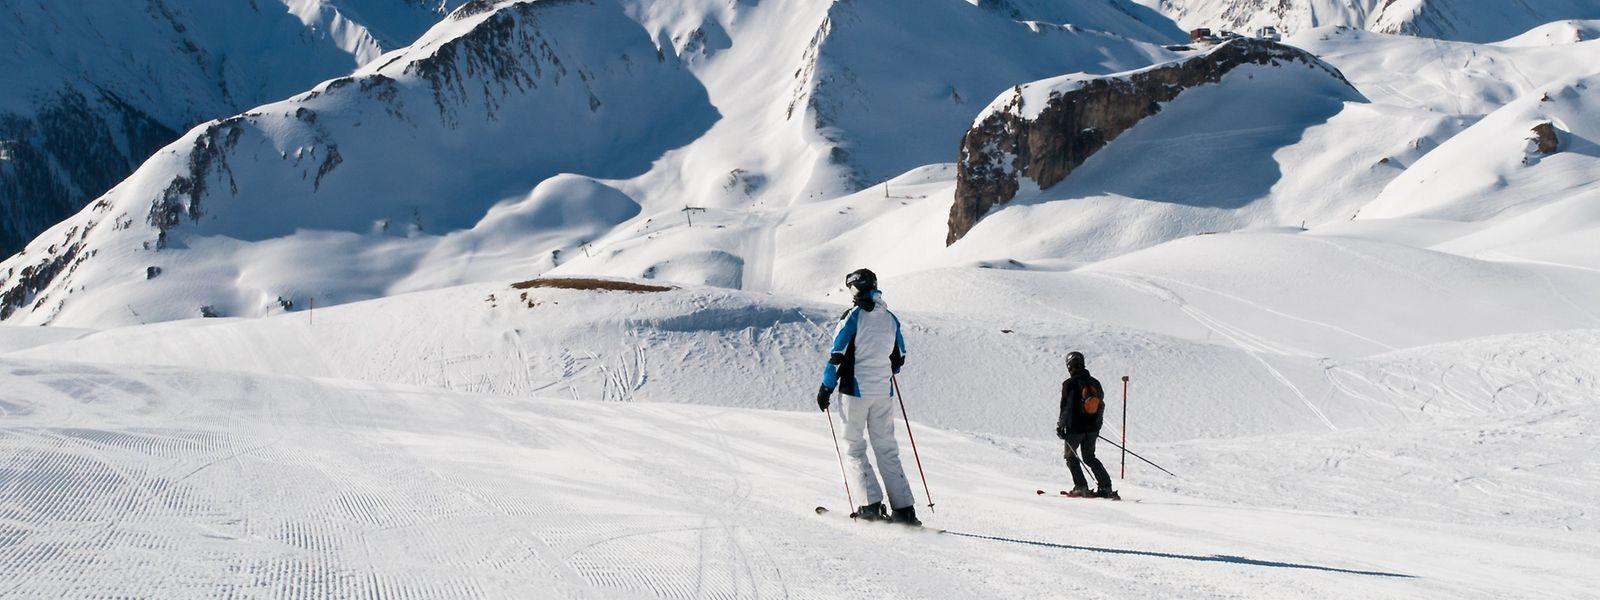 Der Skiort Ischgl ist zum Wuhan der Alpen geworden.